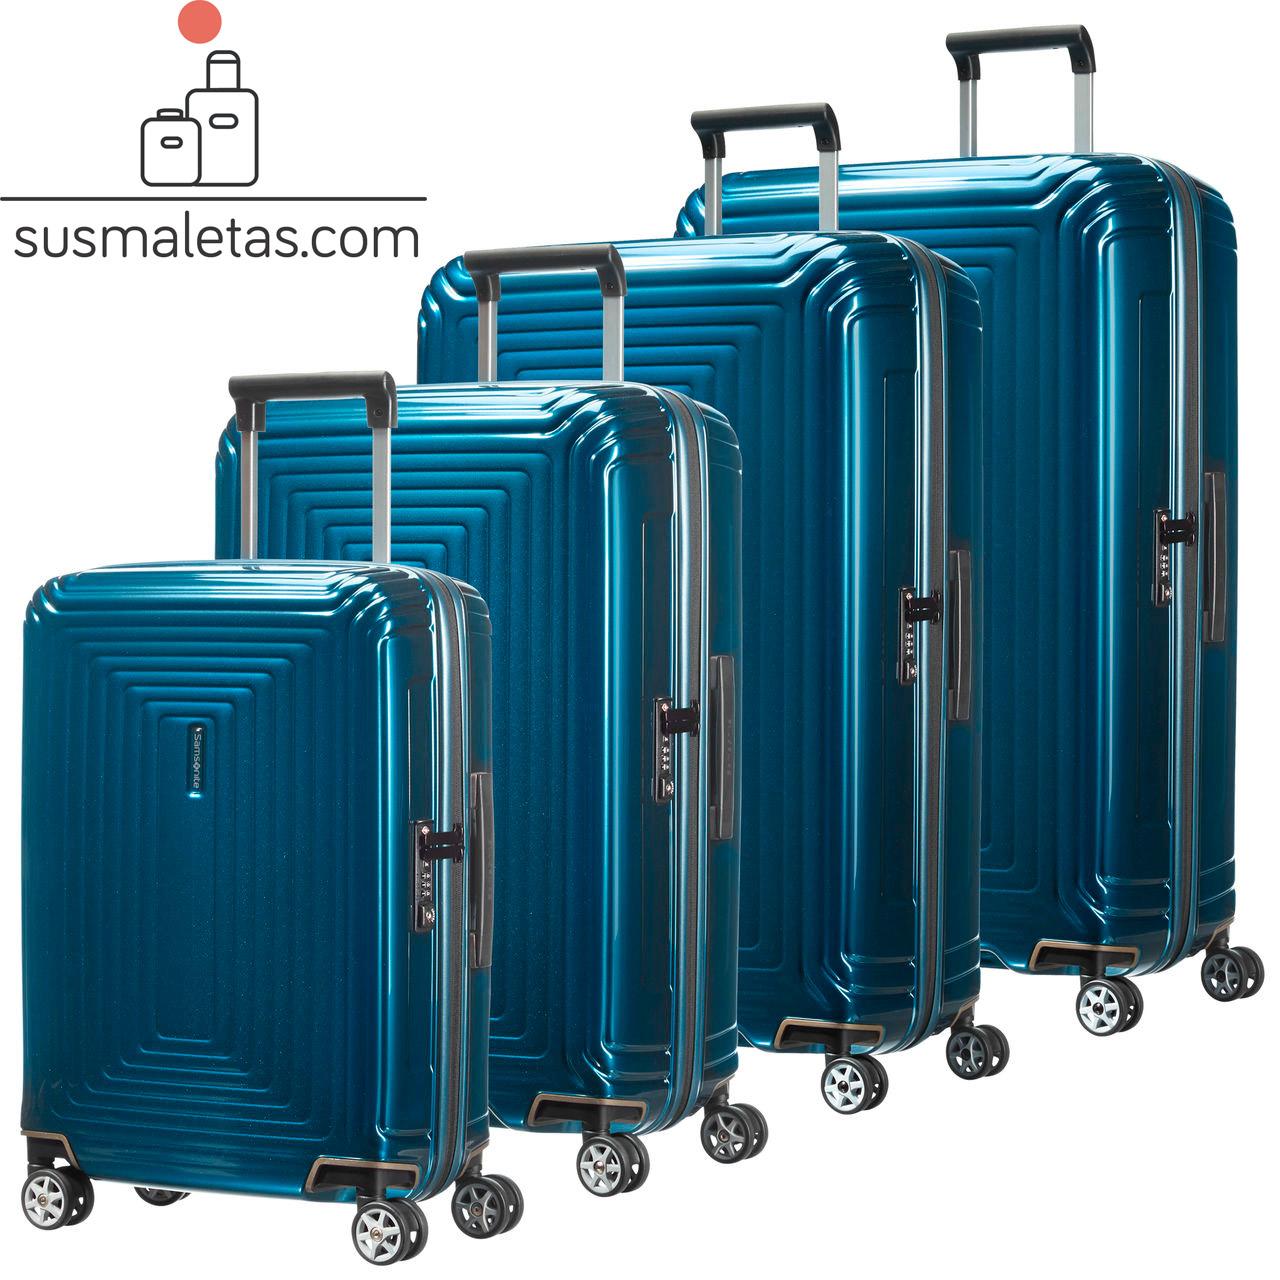 c8b785f30 Como elegir la maleta de viaje perfecta. - Sus Maletas